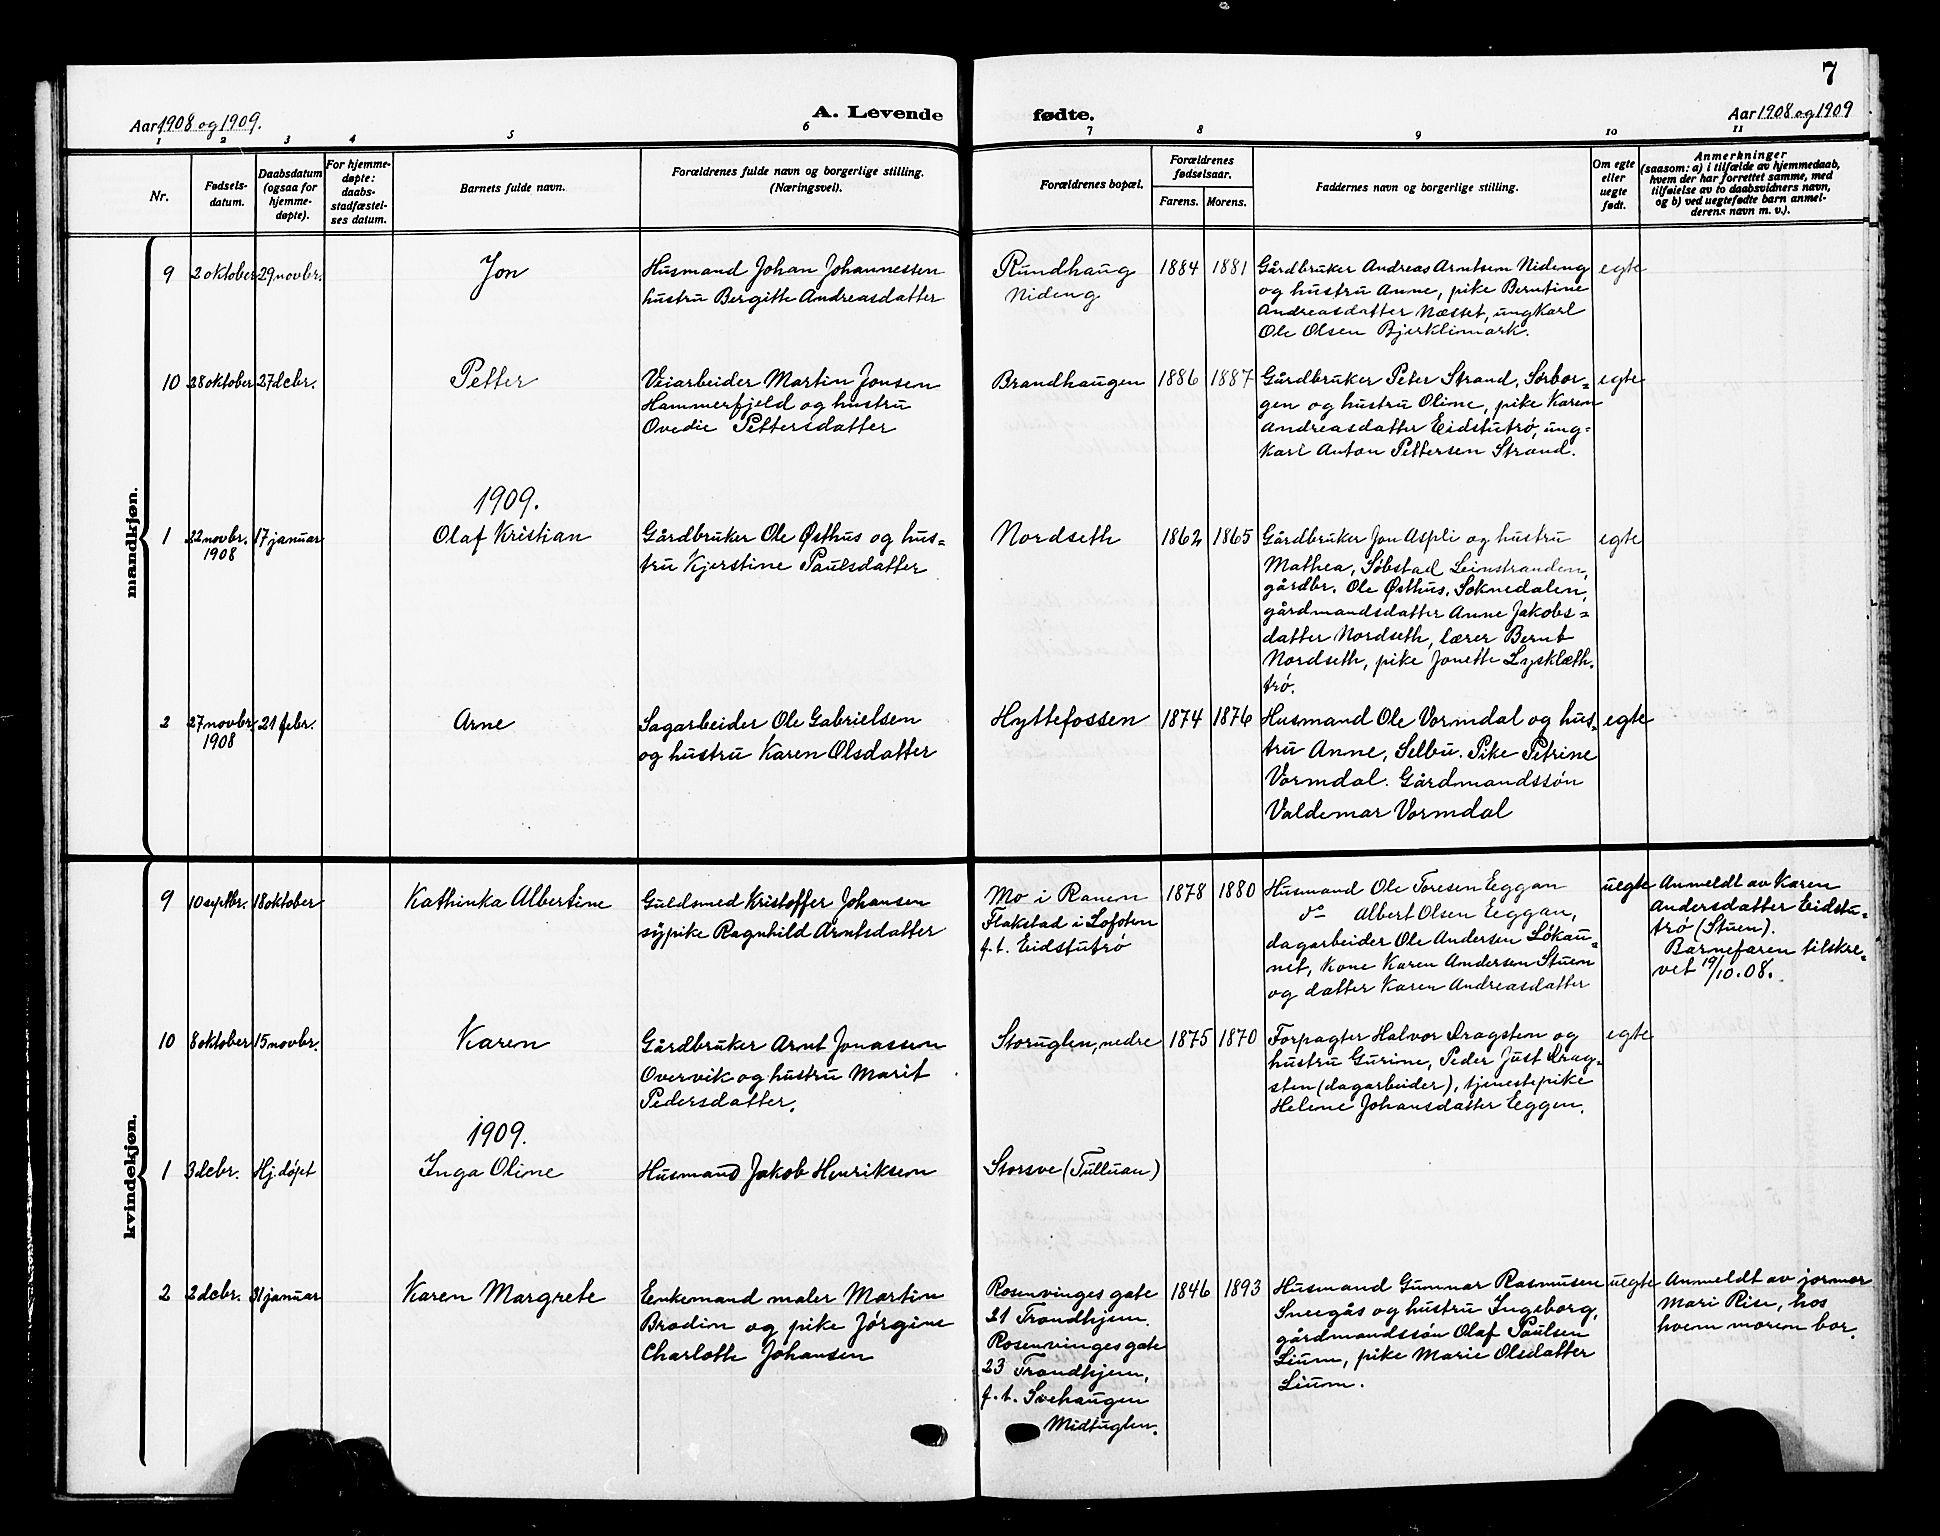 SAT, Ministerialprotokoller, klokkerbøker og fødselsregistre - Sør-Trøndelag, 618/L0453: Klokkerbok nr. 618C04, 1907-1925, s. 7